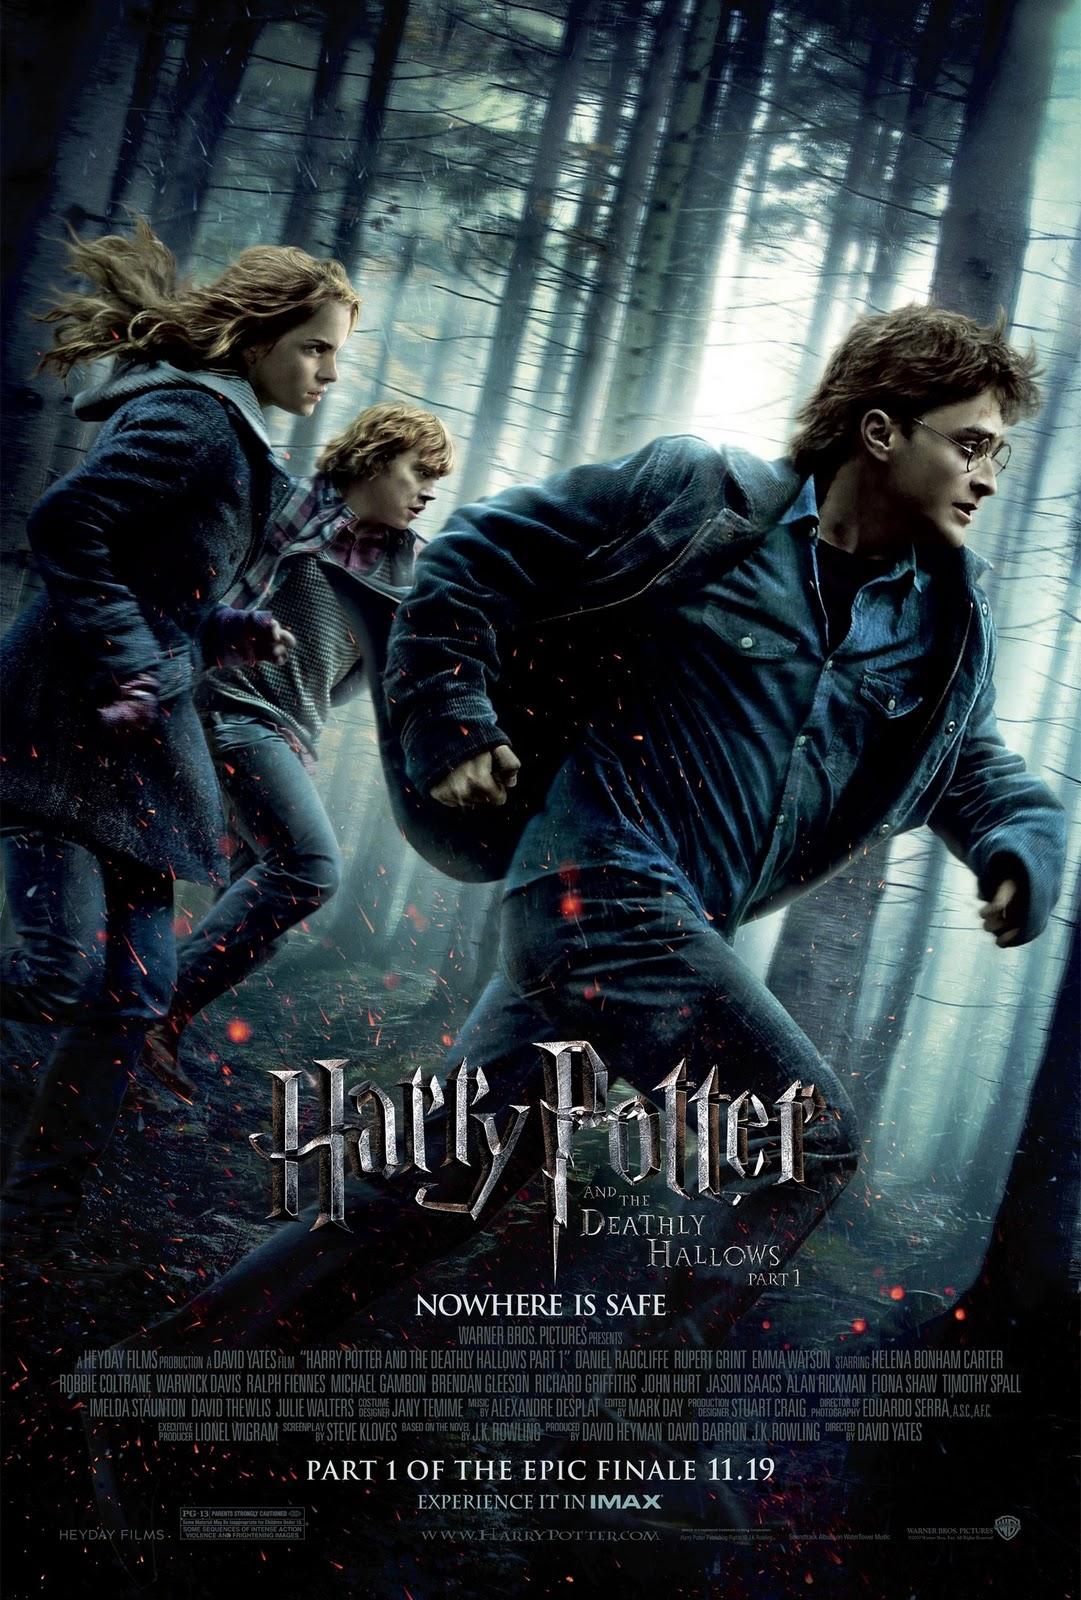 حبكات الافلام فيلم هاري بوتر ومقدسات الموت الجزء 1 Harry